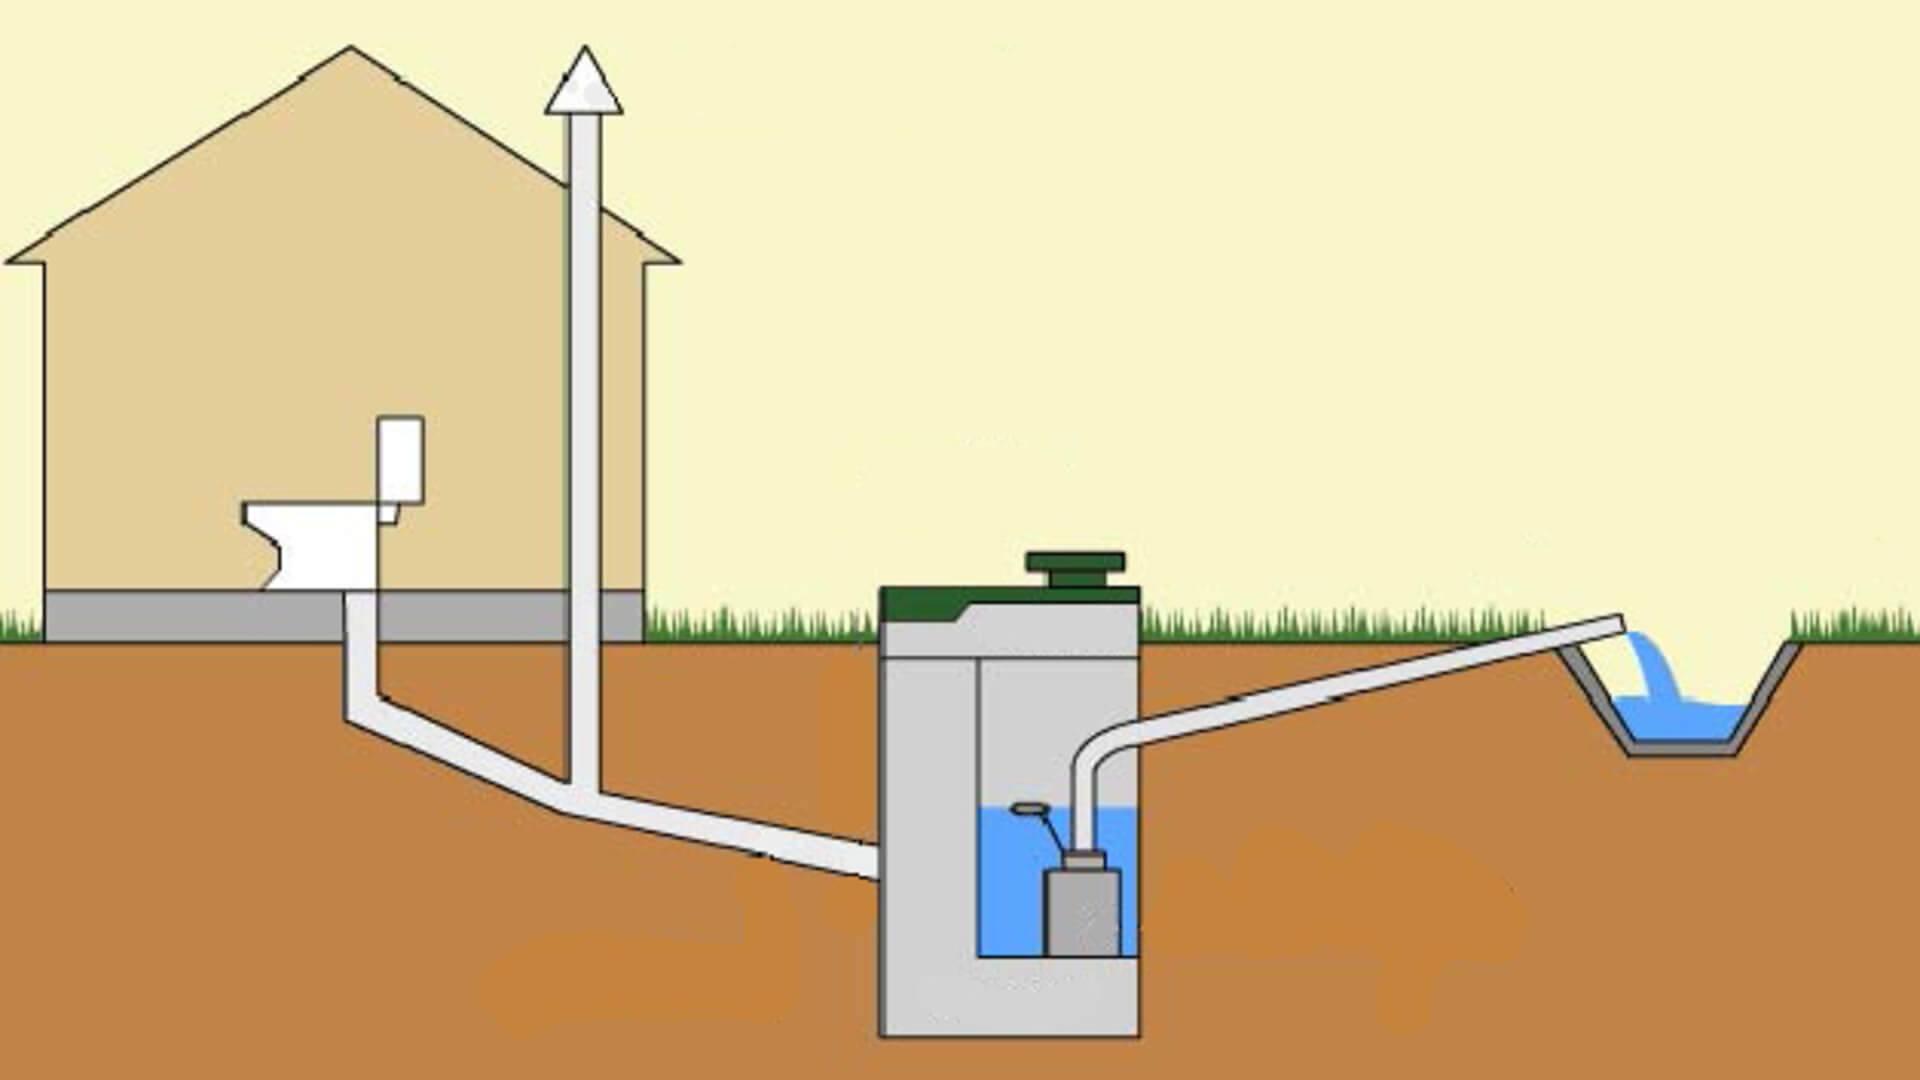 Канализация в частном доме своими руками: как правильно сделать систему, схема монтажа, установка канализационных труб, организация строительства внешней и внутренней канализации, как обустроить, как провести трубы